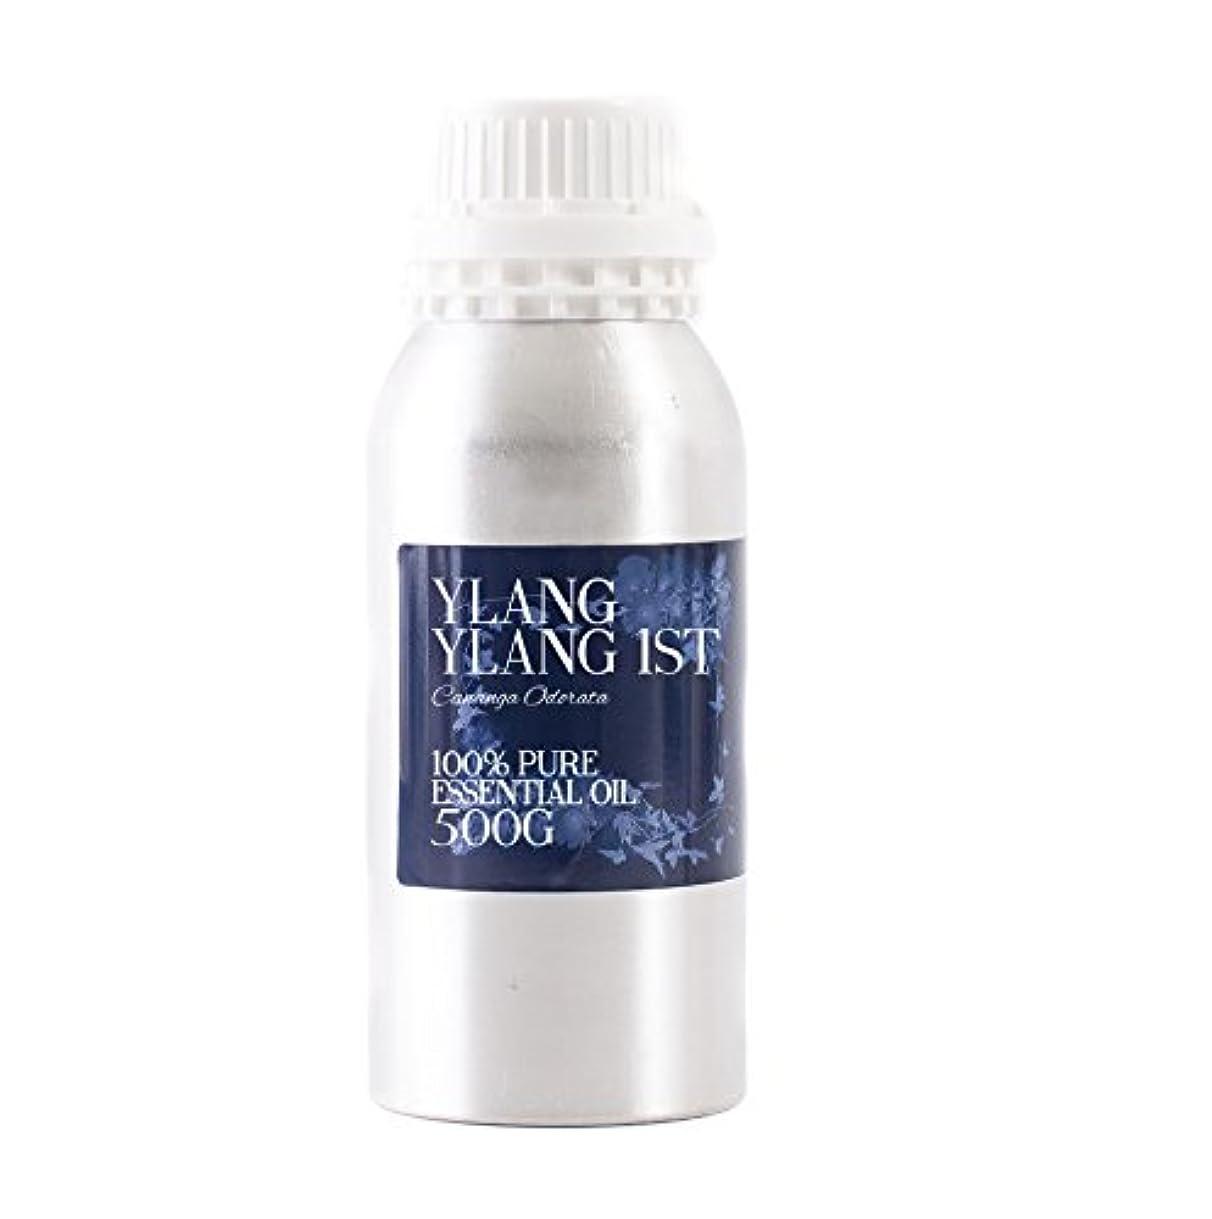 連続した祭り歌手Mystic Moments | Ylang Ylang 1st Essential Oil - 500g - 100% Pure